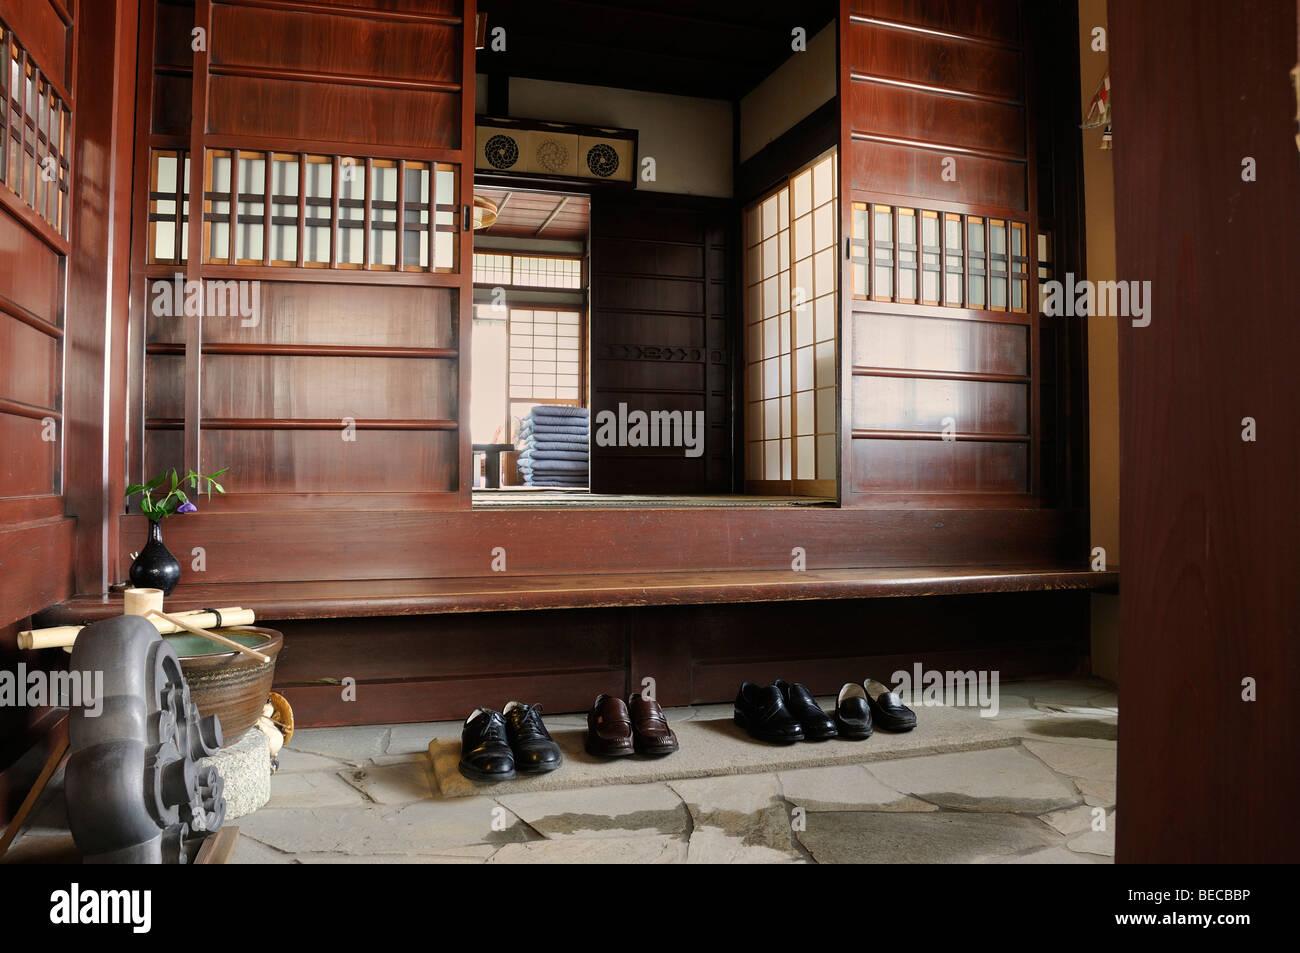 https www alamyimages fr photo image maison traditionnelle les chaussures dans le hall d entree kyoto japon asie de l est asie 26087930 html